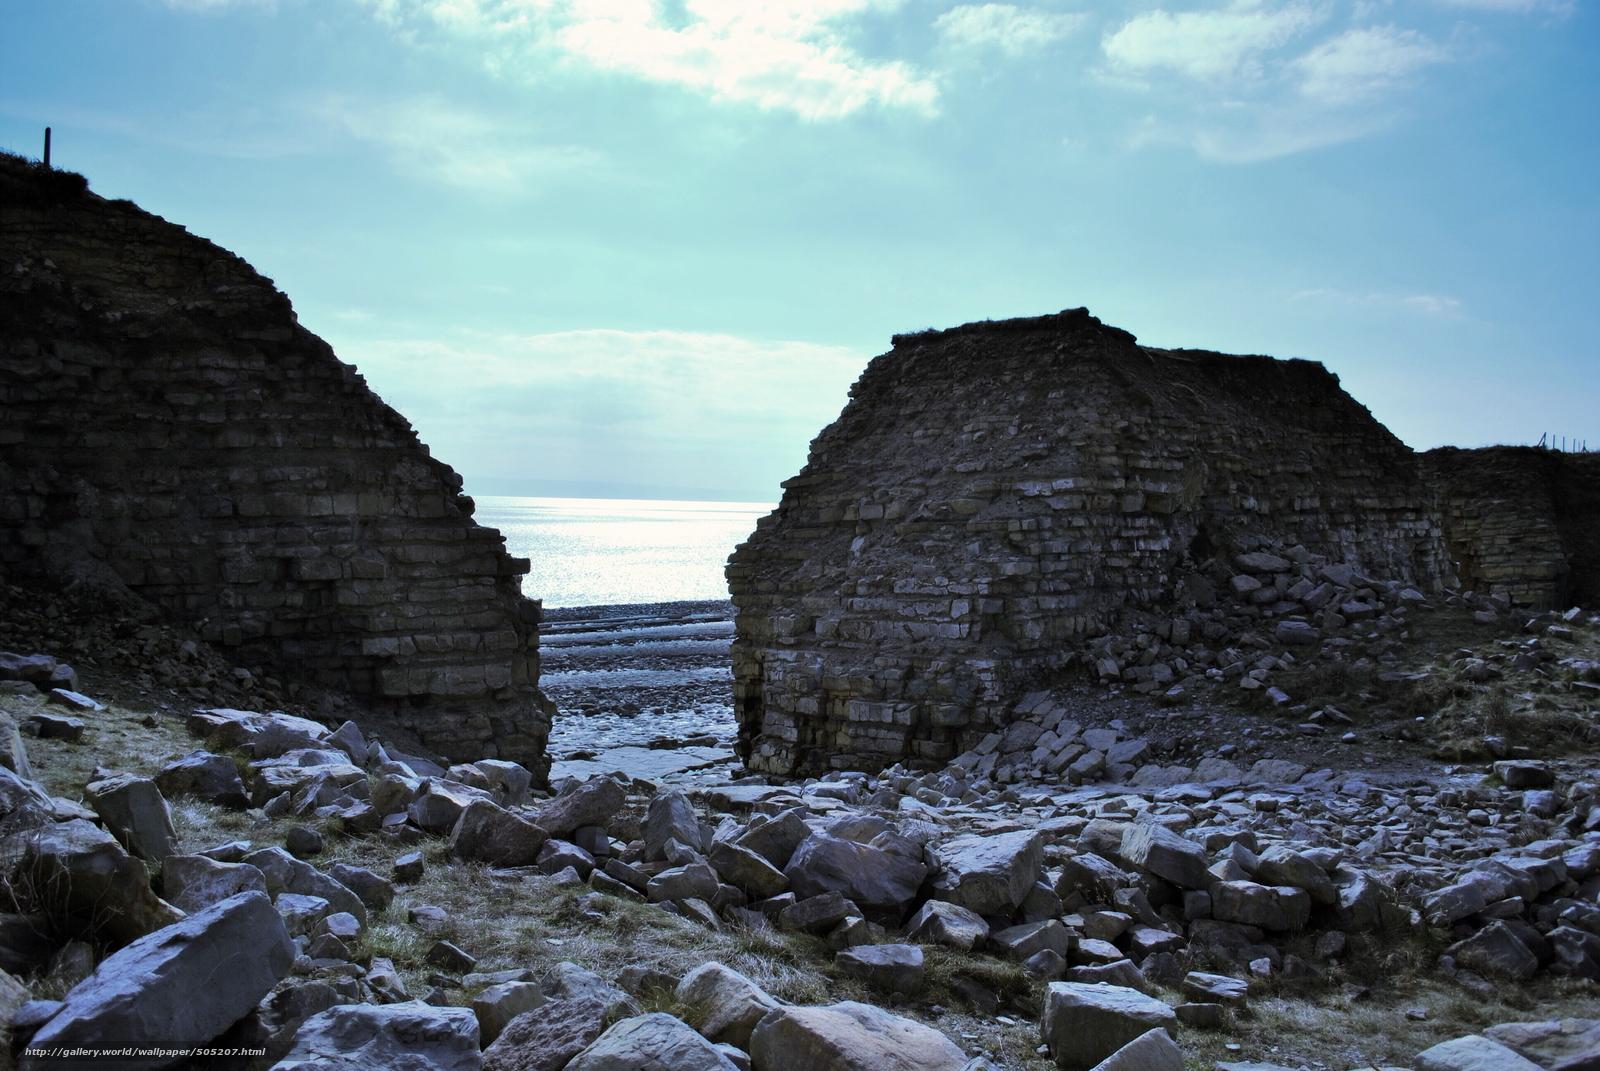 Скачать обои руины,  камни,  море бесплатно для рабочего стола в разрешении 3872x2592 — картинка №505207